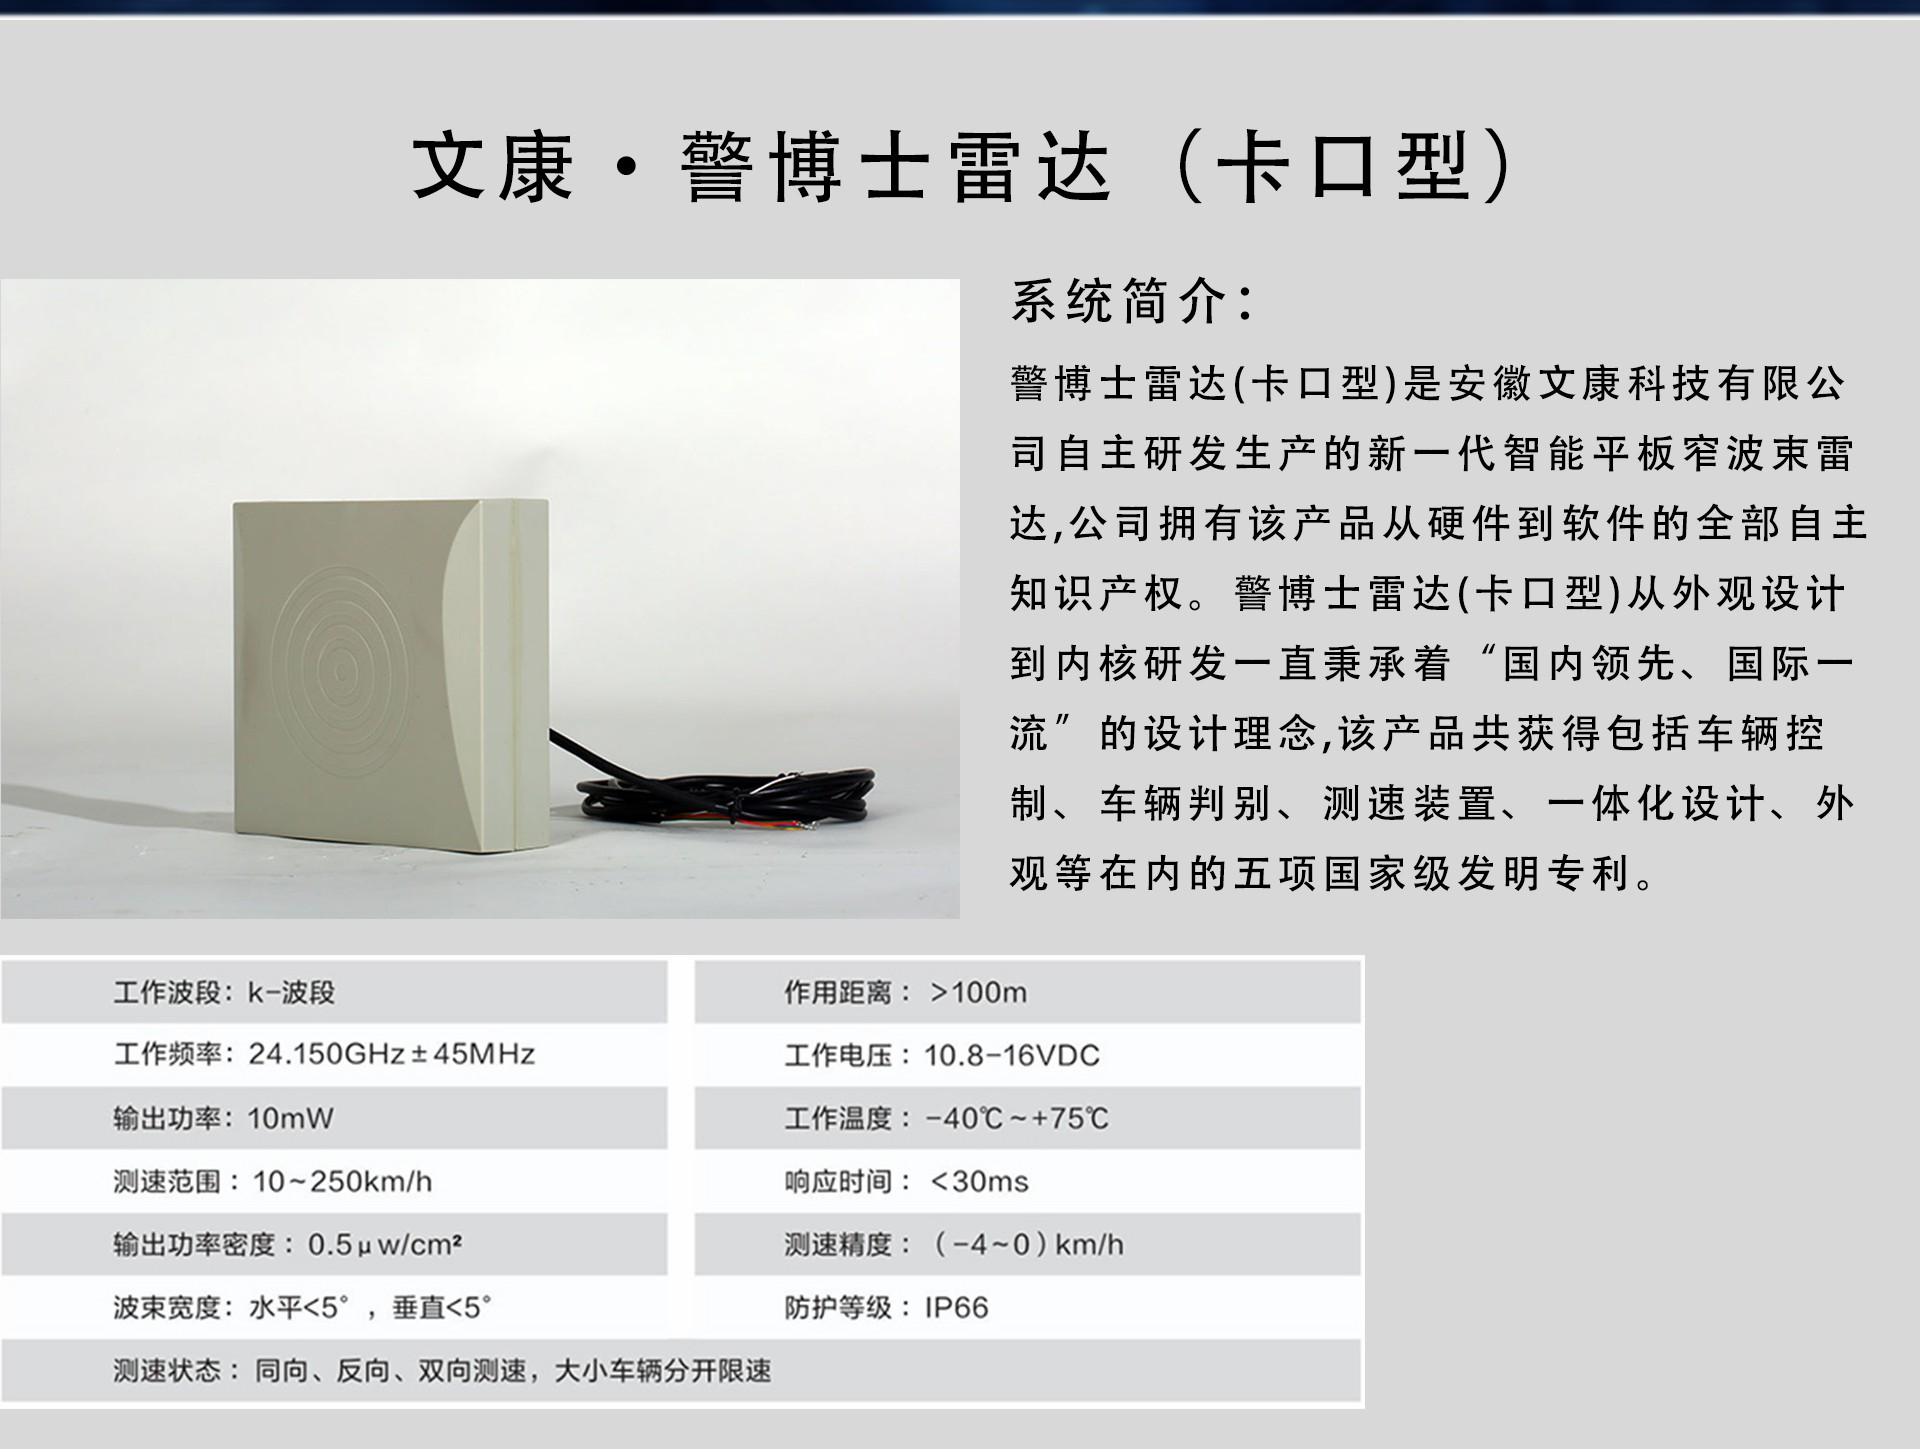 2020.11.02_详情页_保安全系列_2.jpg